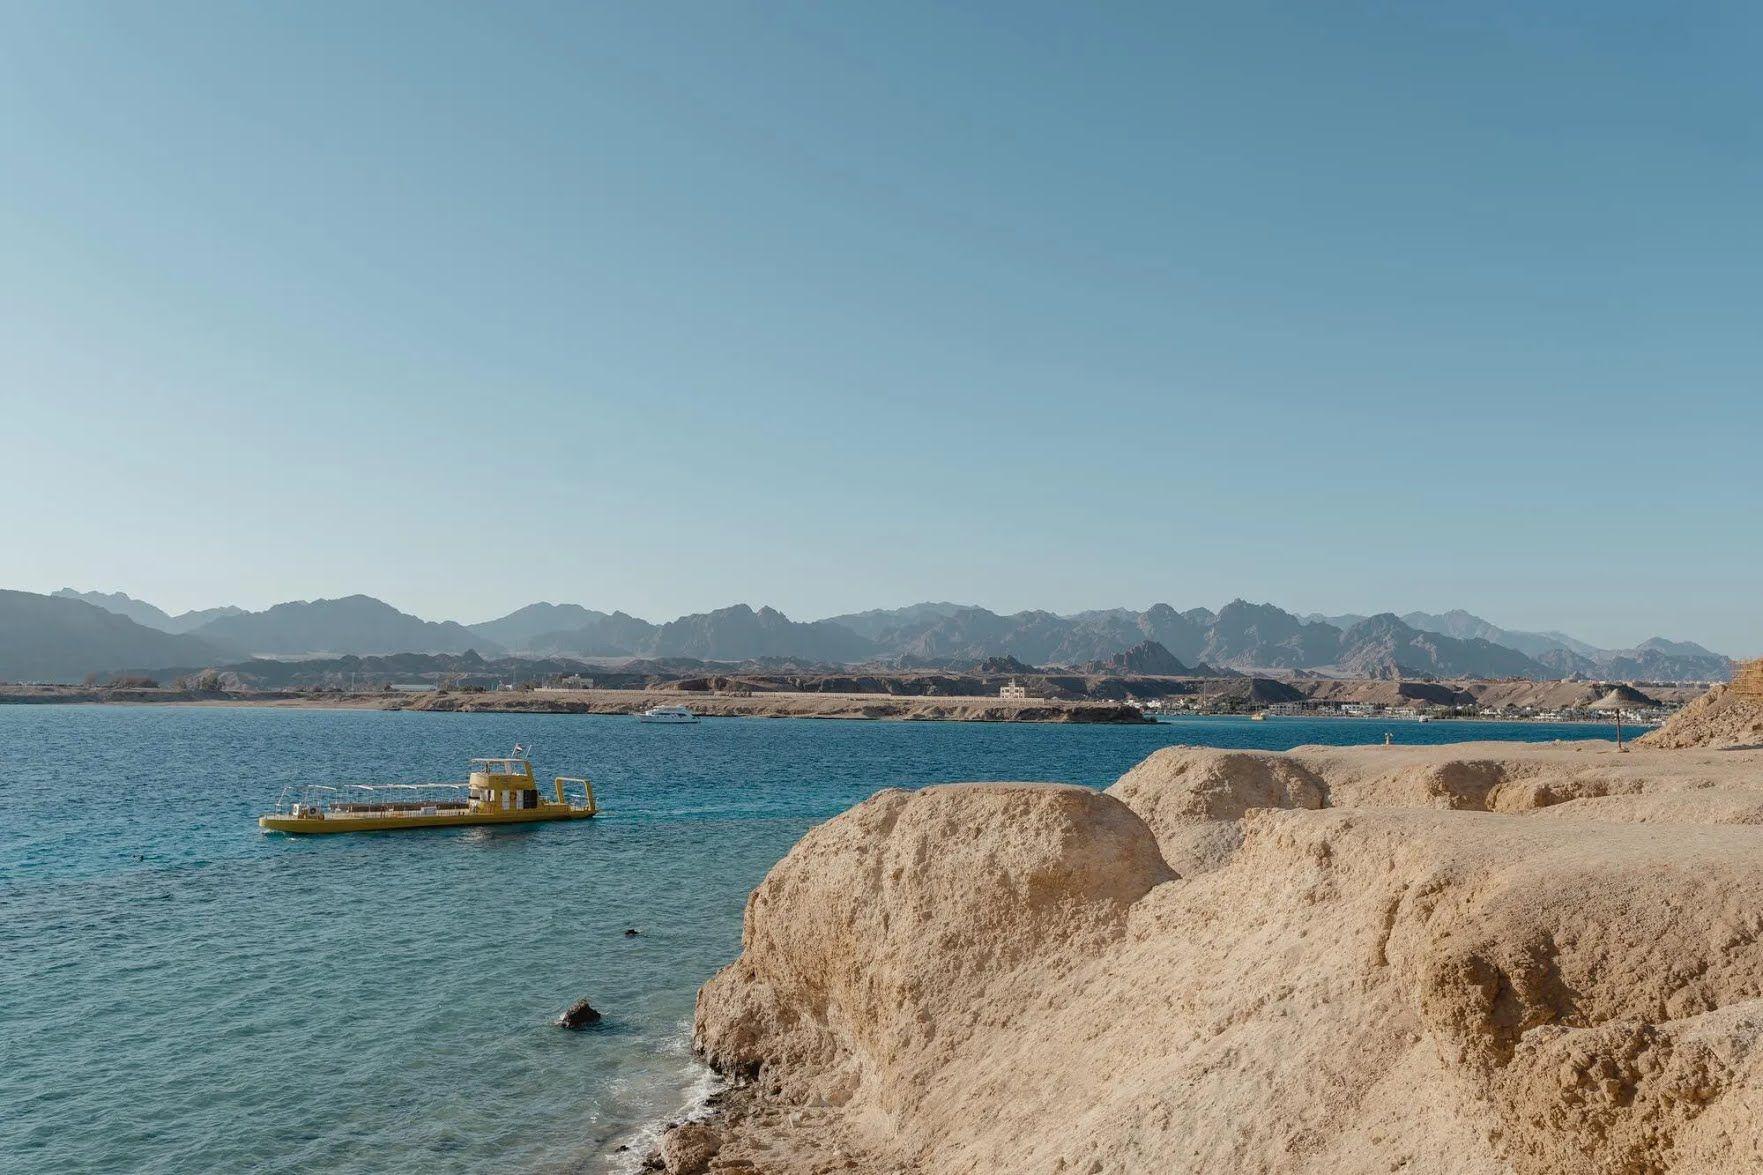 Если вы собираетесь посетить Египет летом, учтите, что на большинстве курортов страны стоит сильная жара